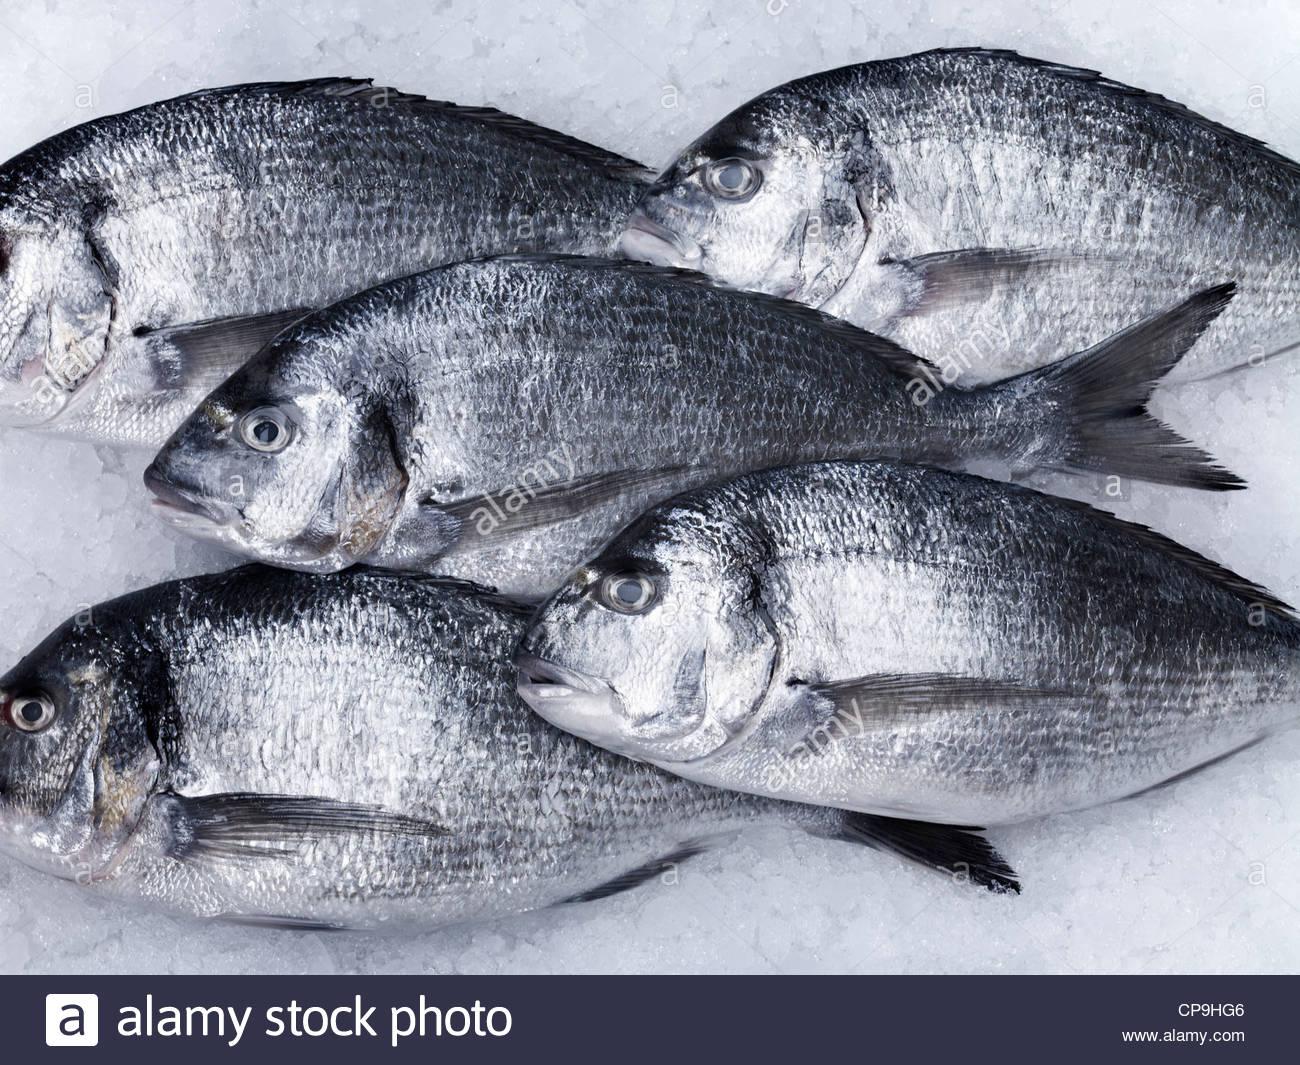 Gli animali,close up,immagine a colori,raffreddamento,i pesci morti, pesce, pesce su ghiaccio,cinque animali,cinque Immagini Stock